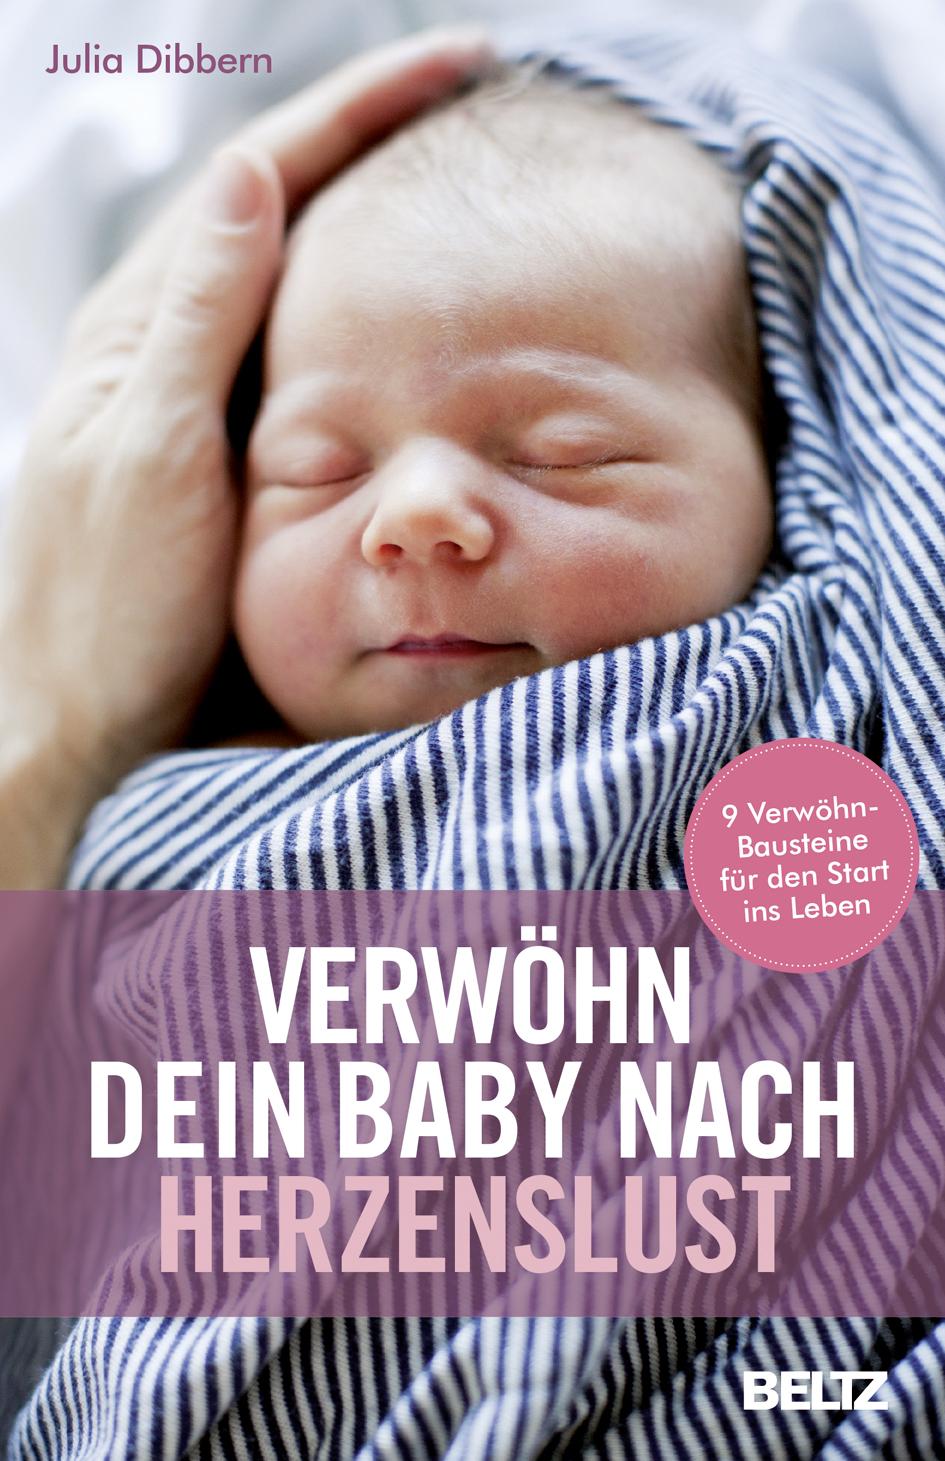 Liebevoll leben und lernen - junge Menschen - Kinder - Bild vom Buch: Verwöhn dein Baby nach Herzenslust - Autorin: Julia Dibbern - Verlag: Beltz Verlag